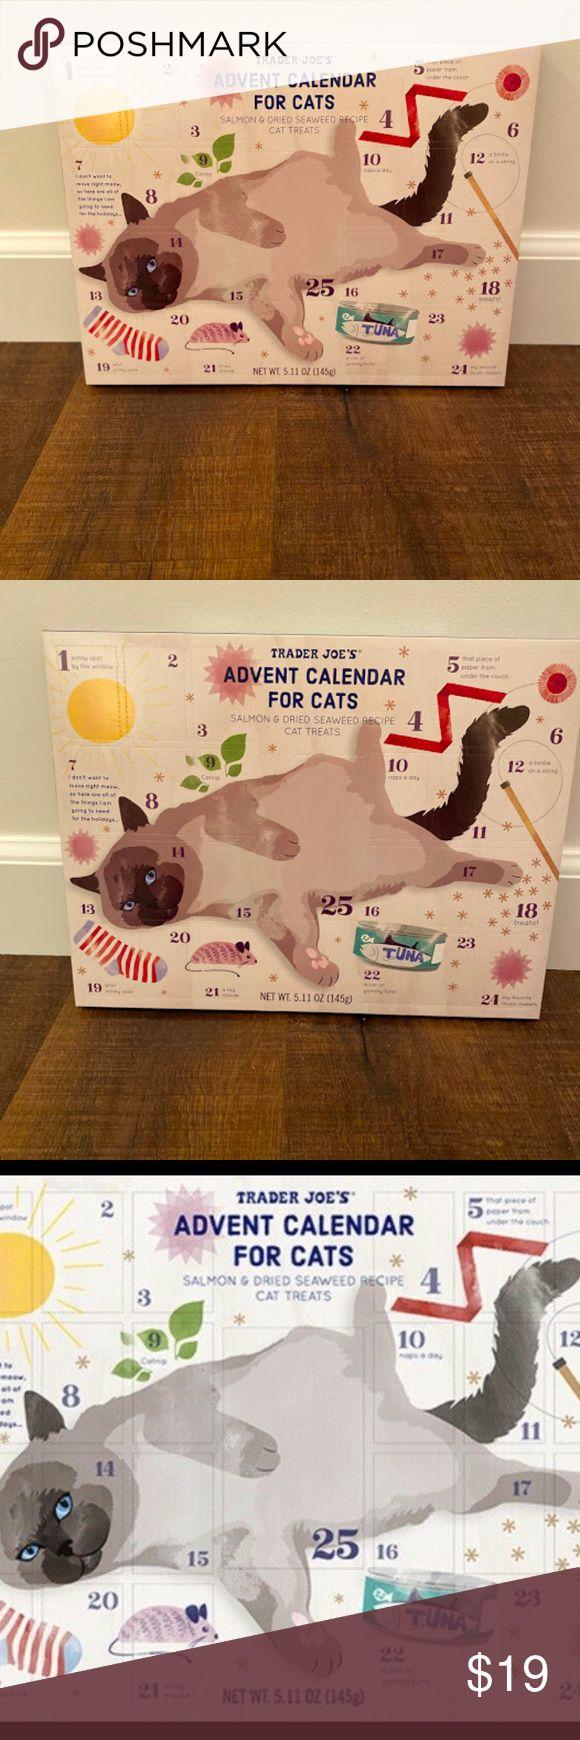 Trader Joe's Advent Calendar For Cats Treats 2019 Cat